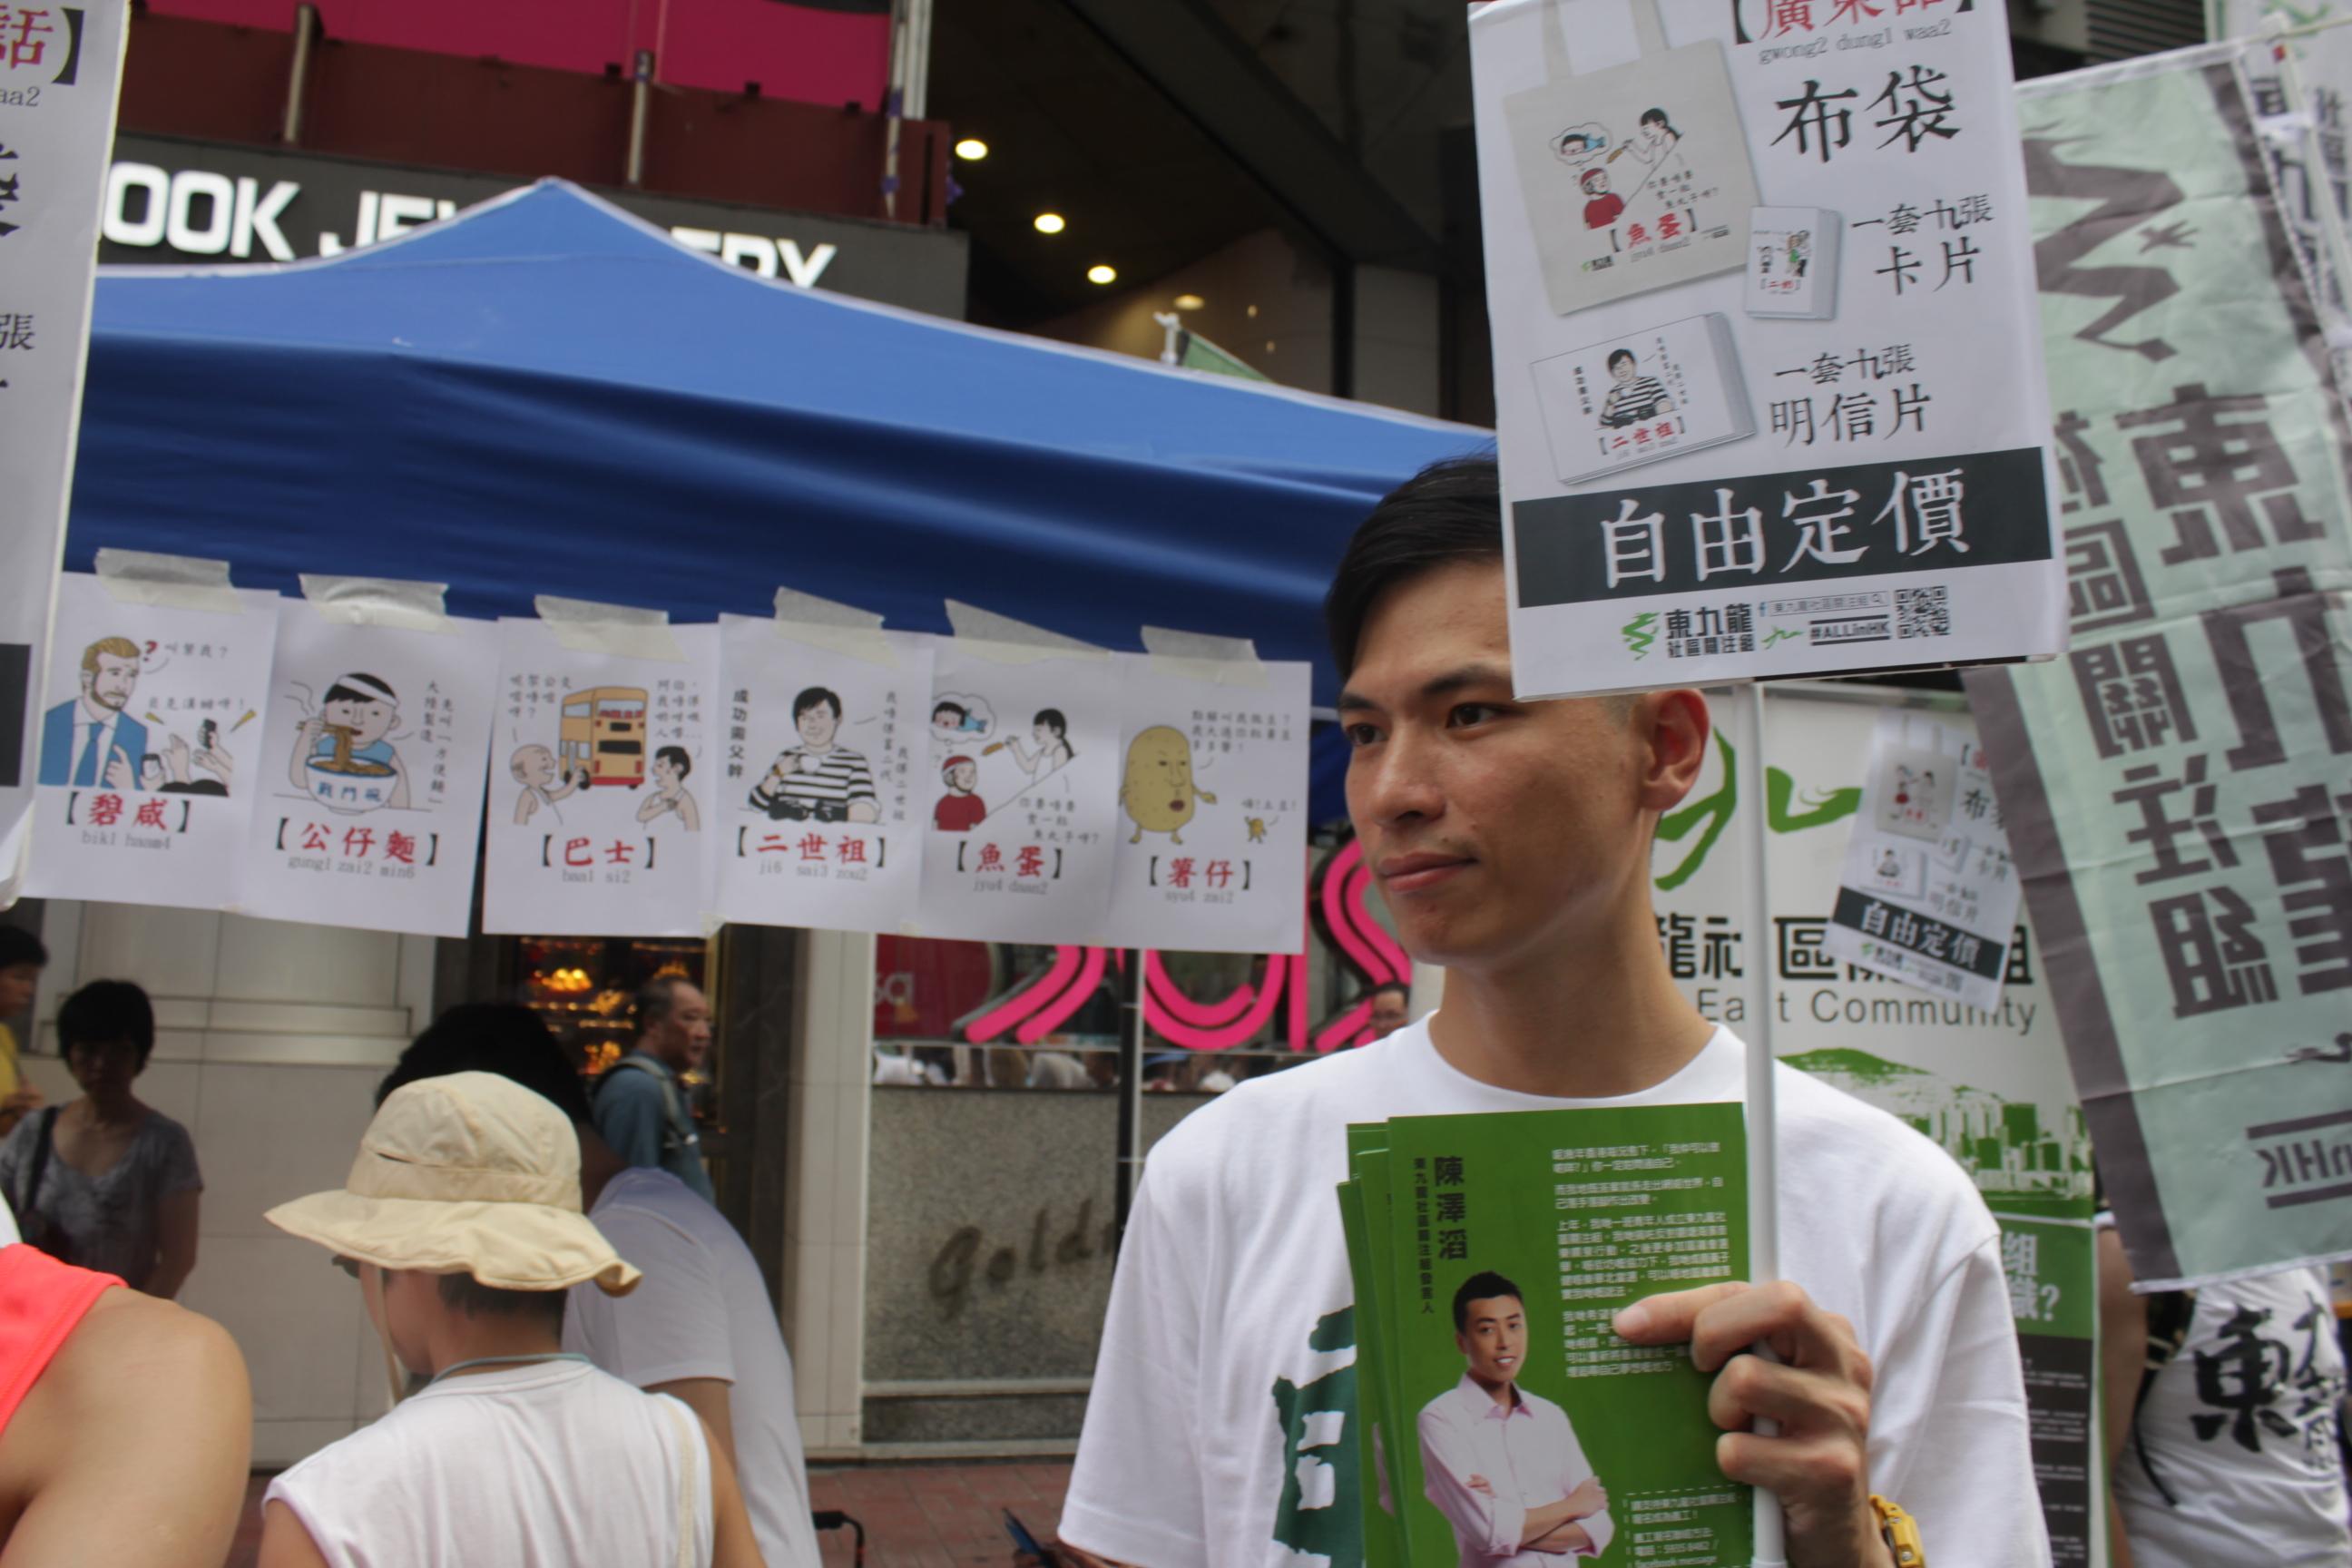 2016年香港七一大遊行,東九龍社區關注組在街站呼籲市民關注廣東話被篡改問題,擔心大陸的文化已經在侵略香港。(李小朗/攝影)